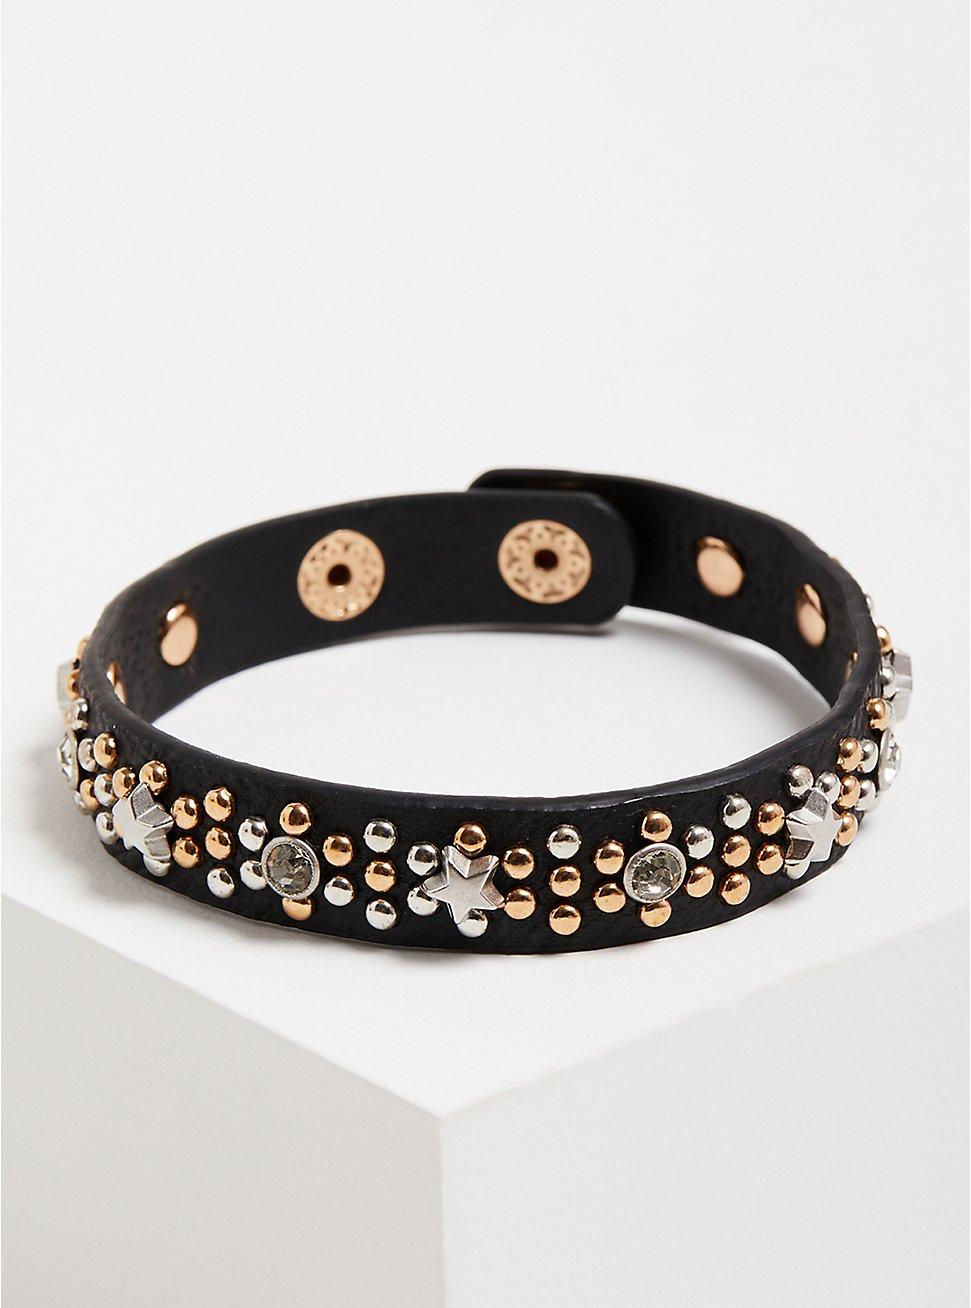 Plus Size Faux Leather Studded Bracelet - Black , BLACK, hi-res